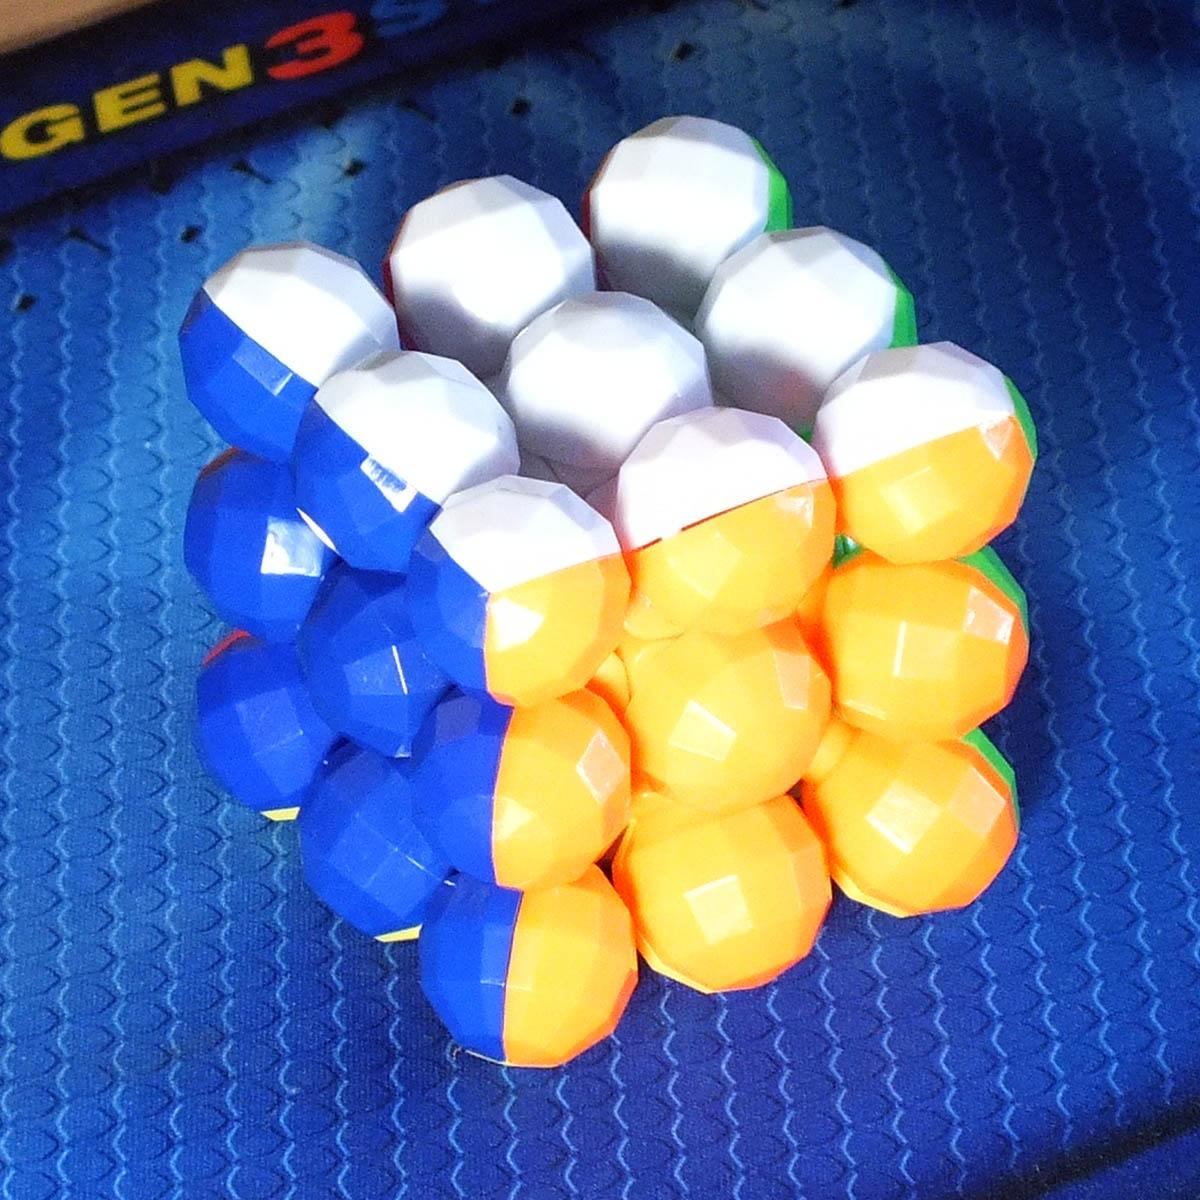 DianSheng Ball Cube stickerless